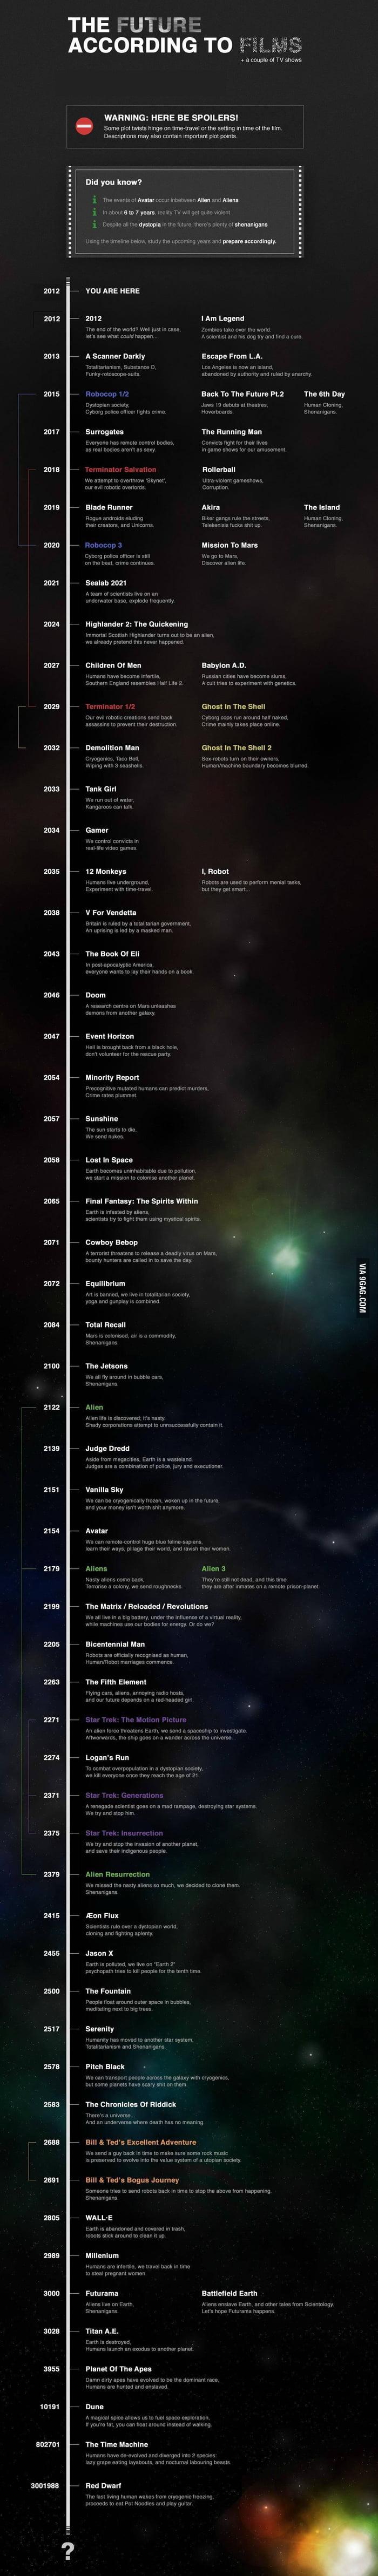 Sci-Fi Schedule